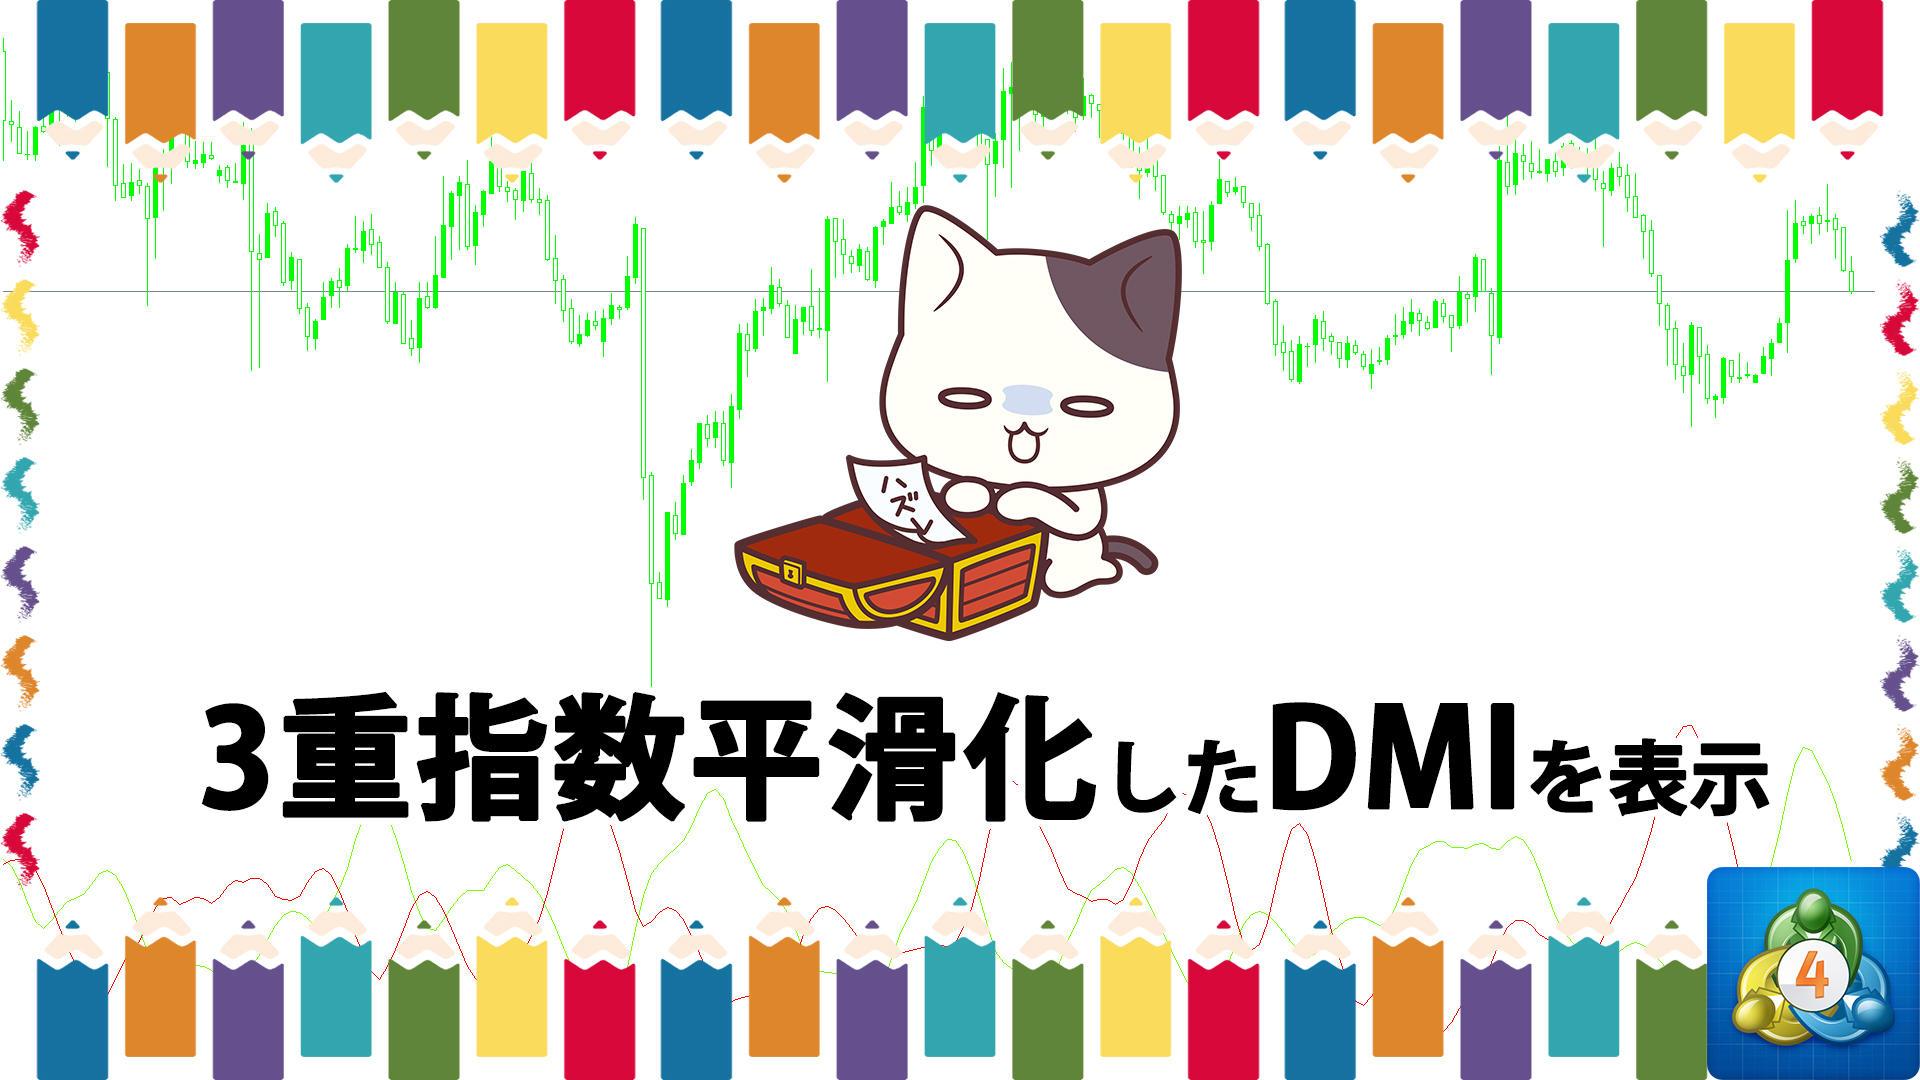 ノイズの少ないDMIを表示するMT4インジケーター「t3_adx_sdi_-di_burst」